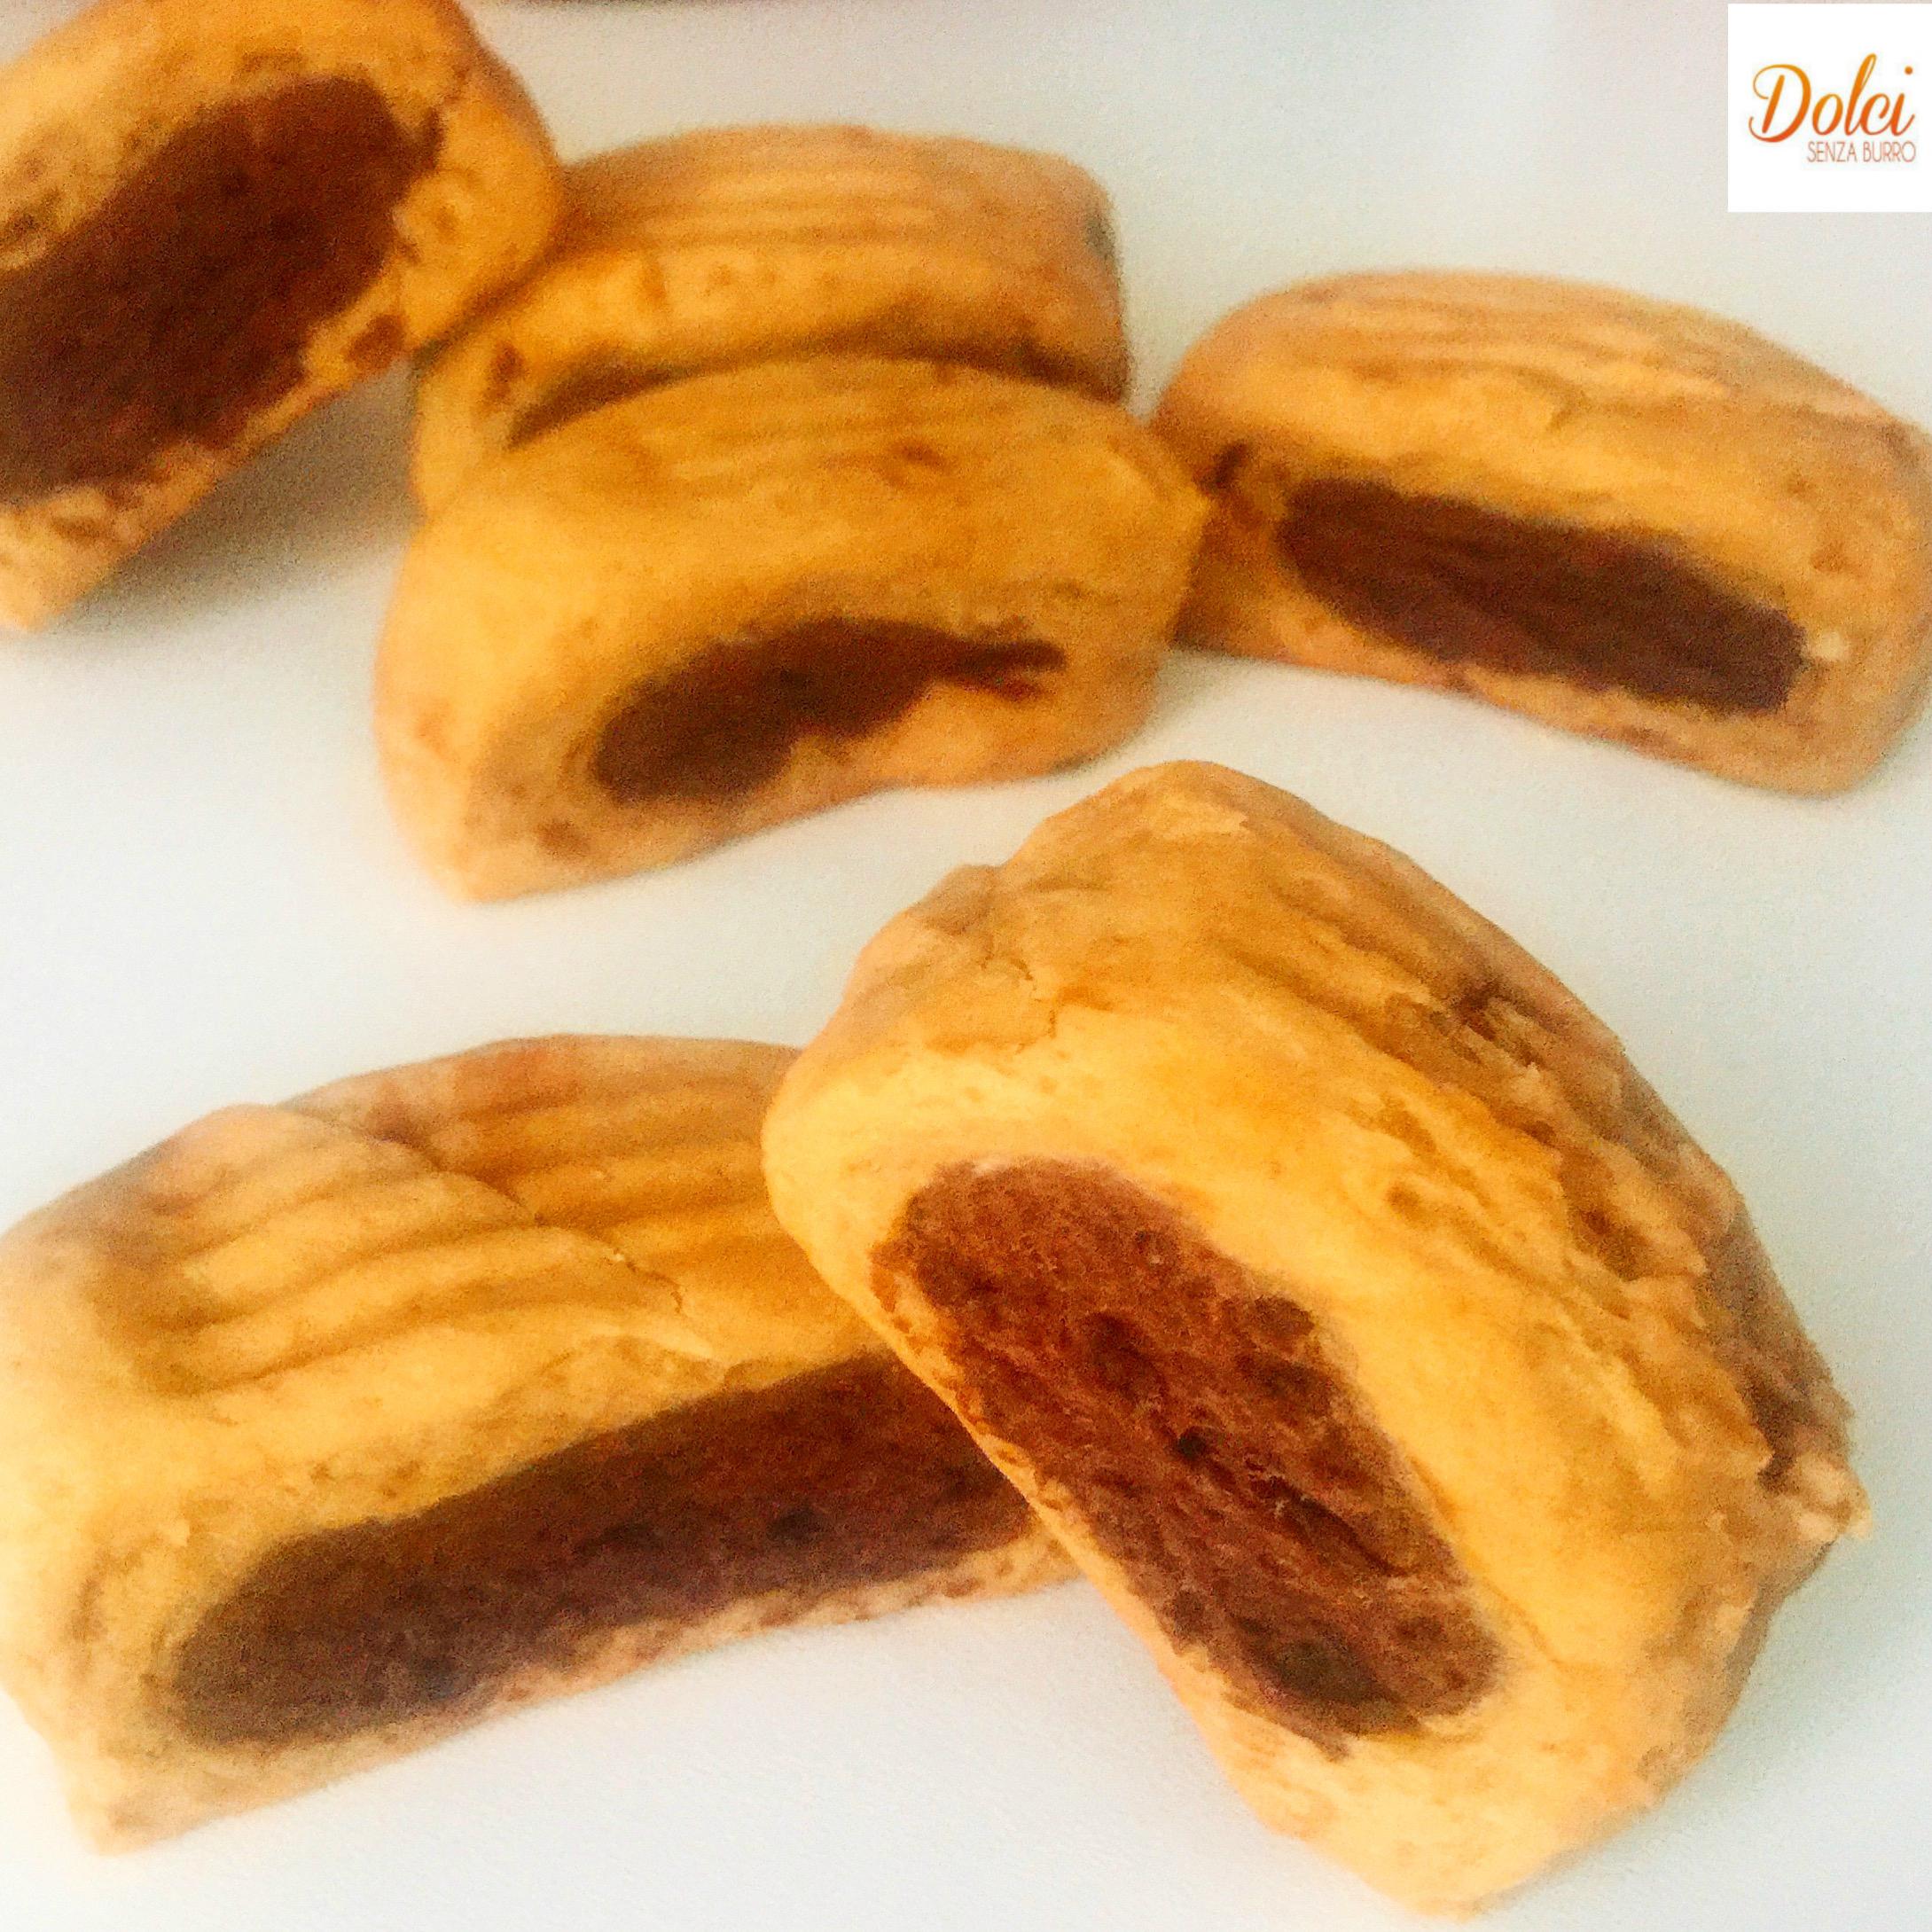 Provate anche i Biscotti Nascondini Senza Burro, i famosi biscotti in versione home made!